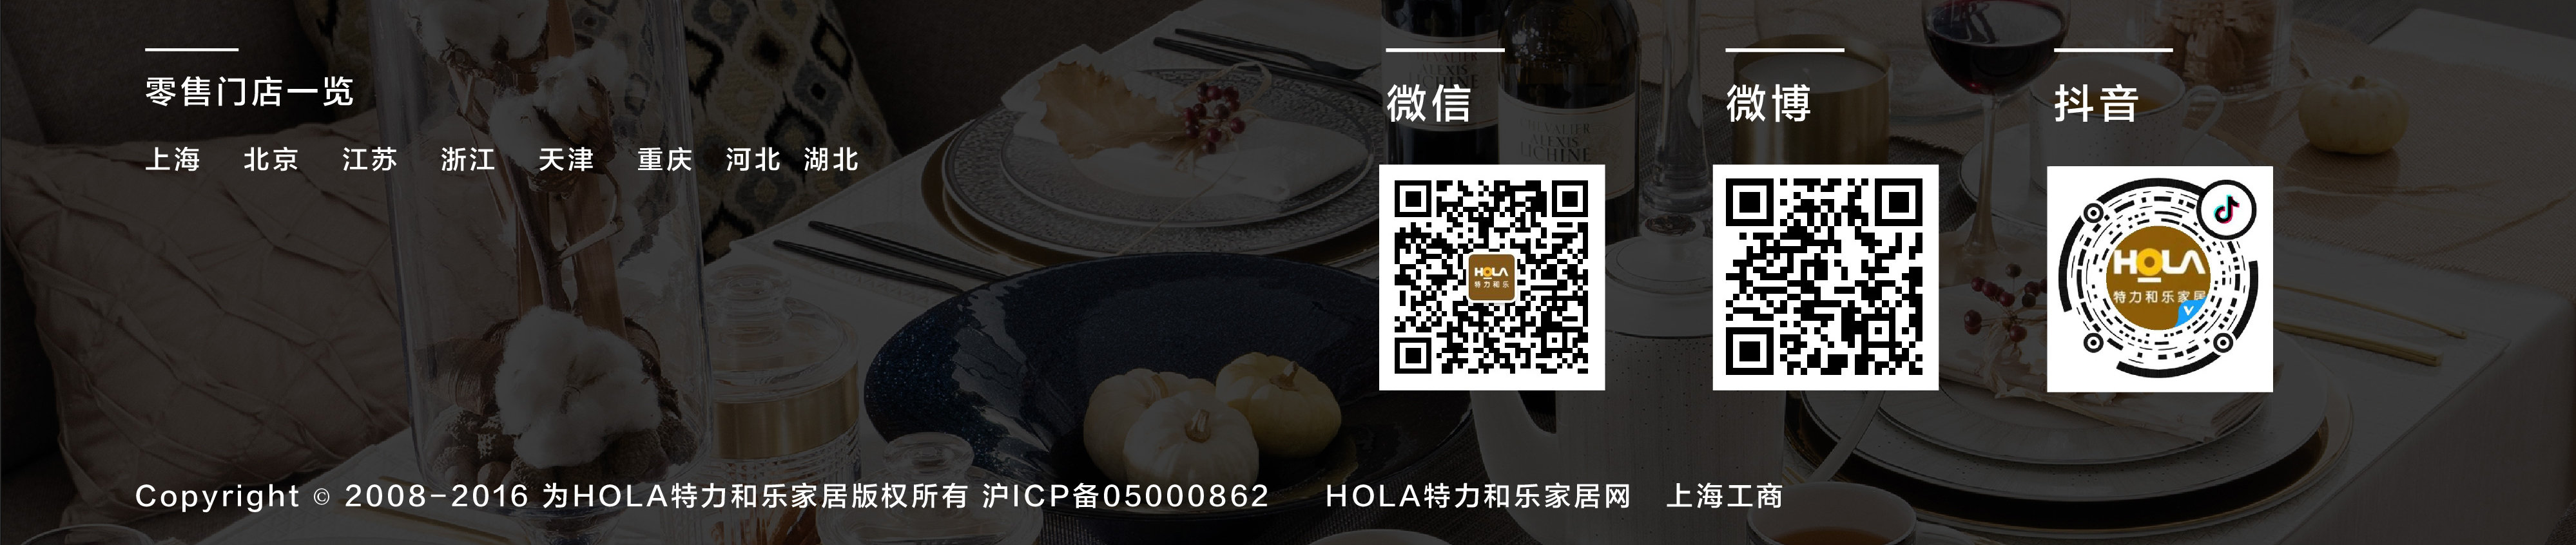 20181130_畫板1